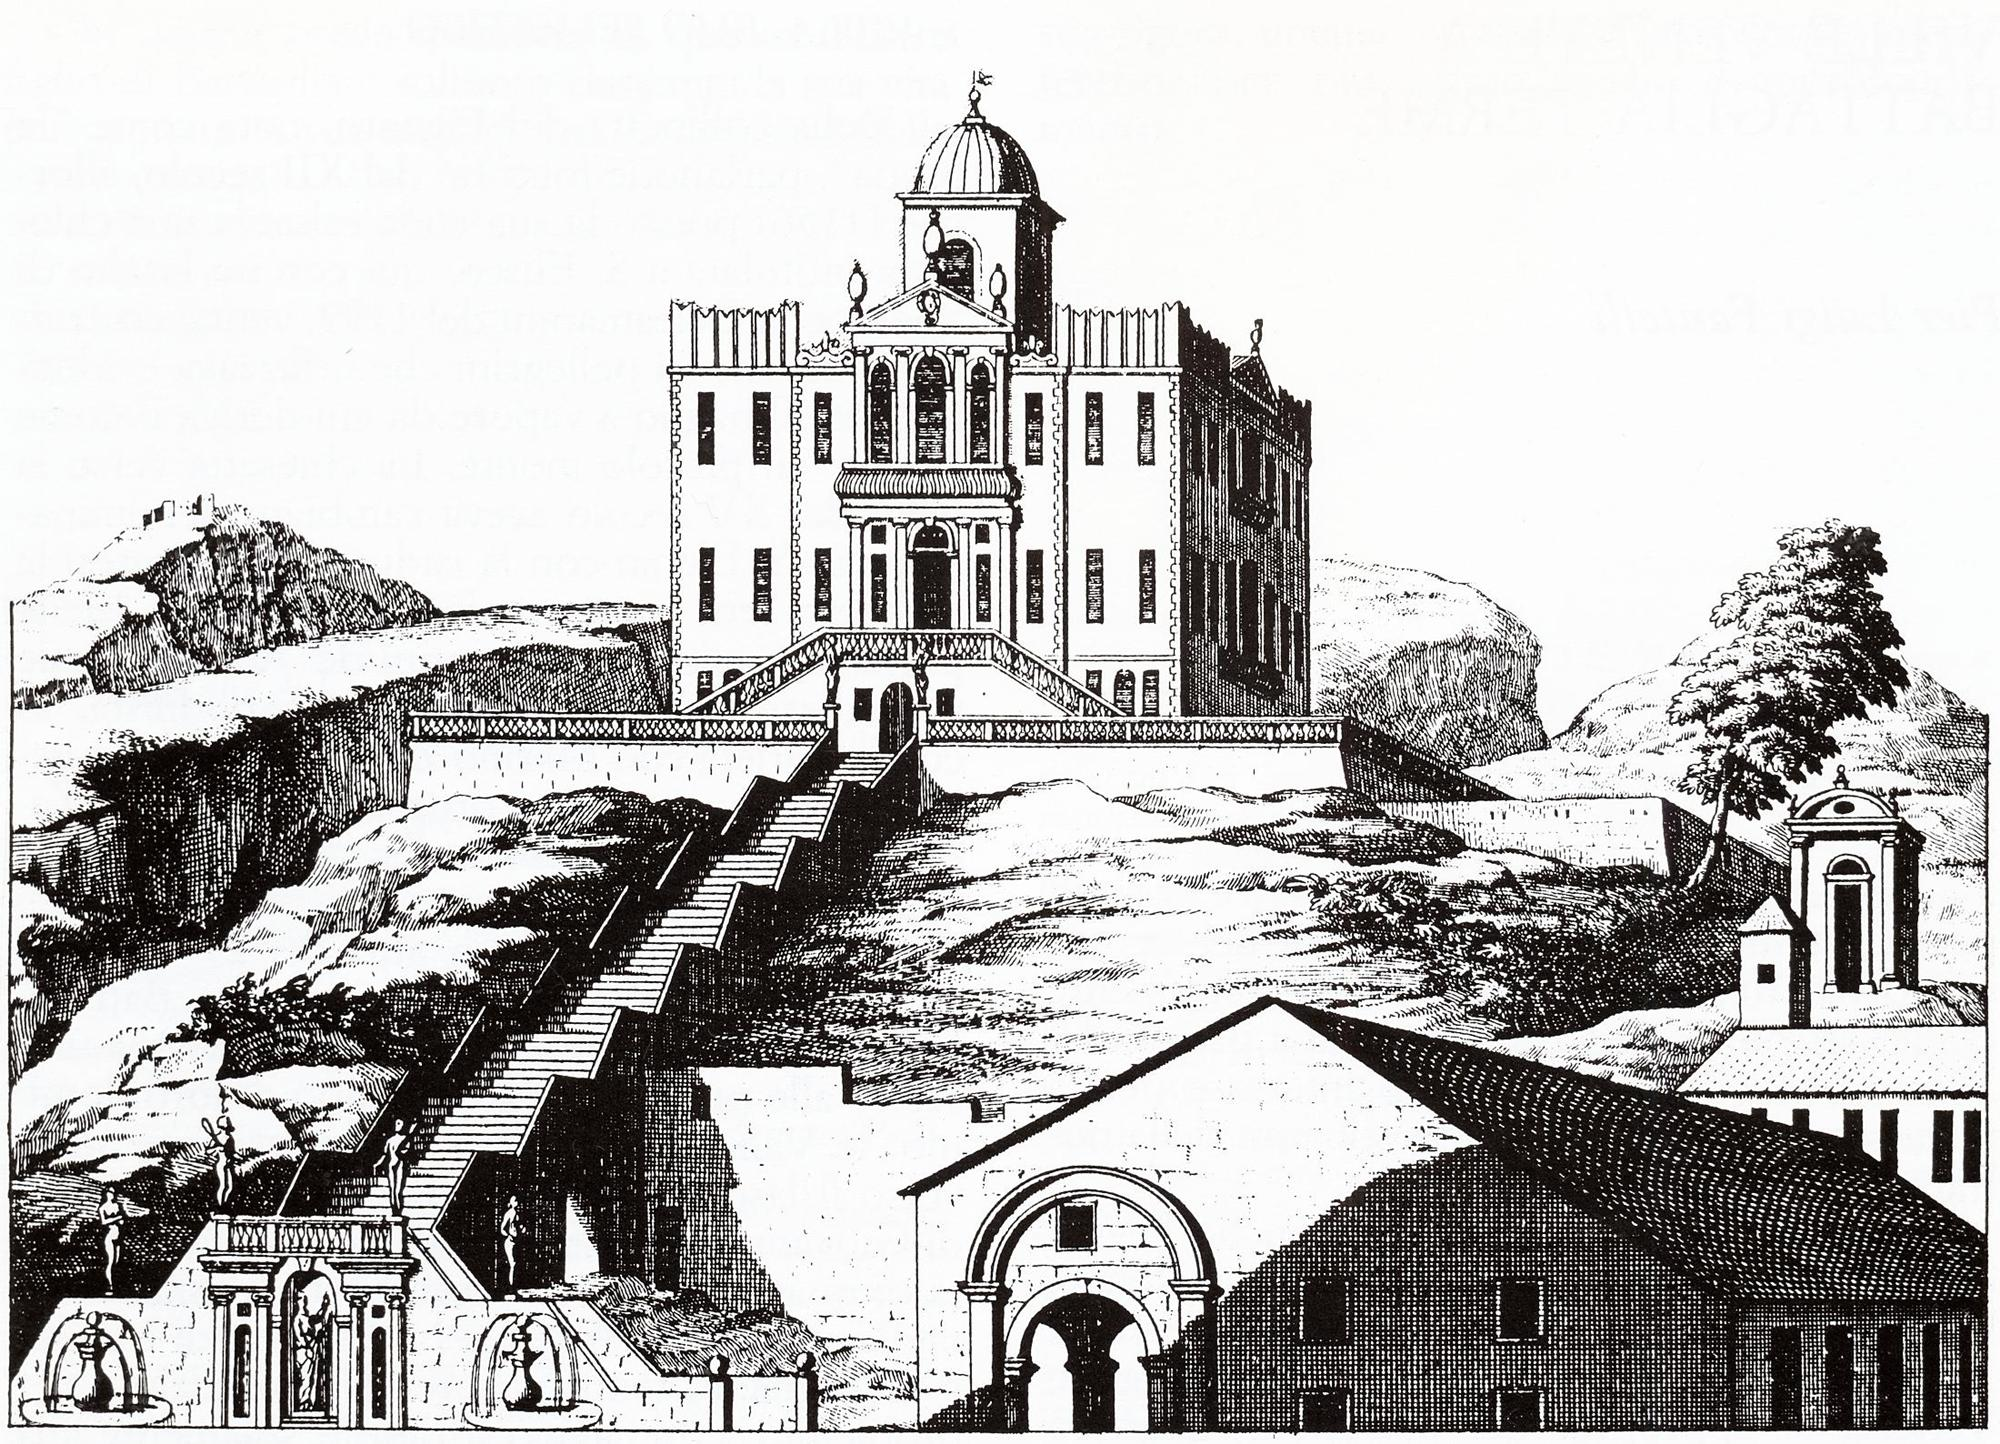 Villa Selvatico con le pertinenze in primo piano e l'attiguo oratorio, in una incisione del Montalegre. Colle S. Elena (Battaglia), sec. XVIII.